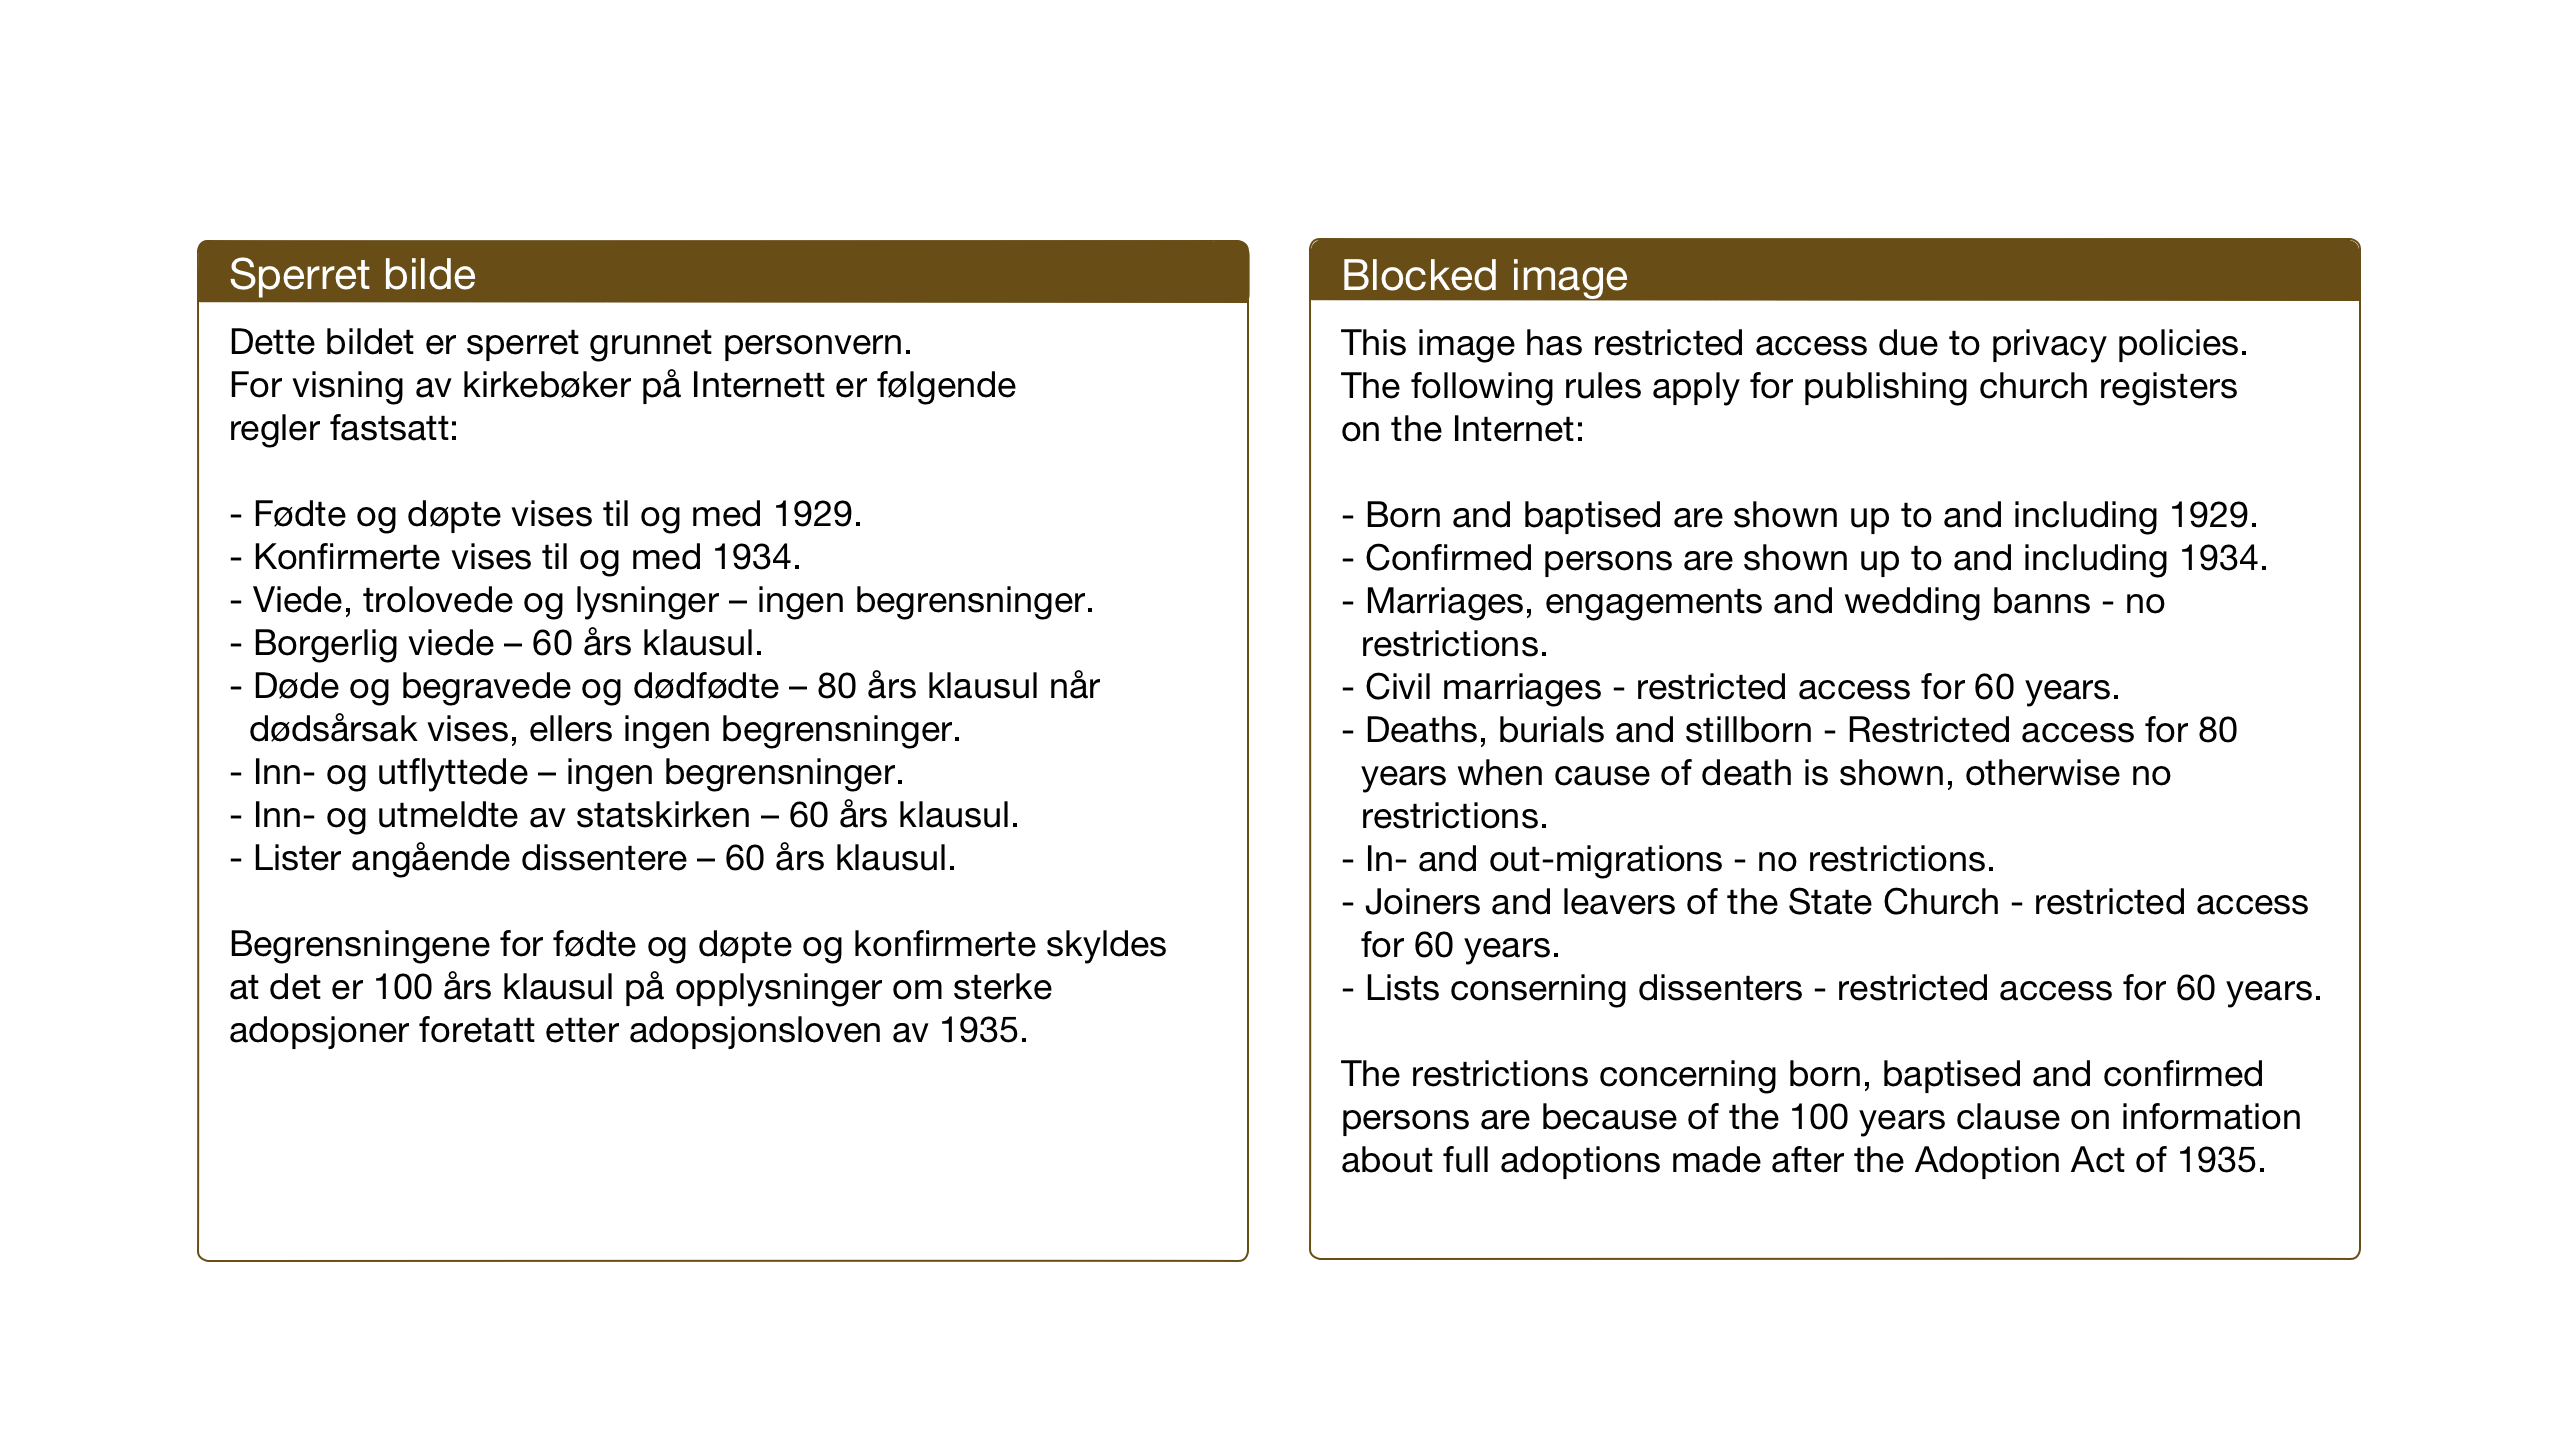 SAT, Ministerialprotokoller, klokkerbøker og fødselsregistre - Sør-Trøndelag, 638/L0569: Klokkerbok nr. 638C01, 1923-1961, s. 122